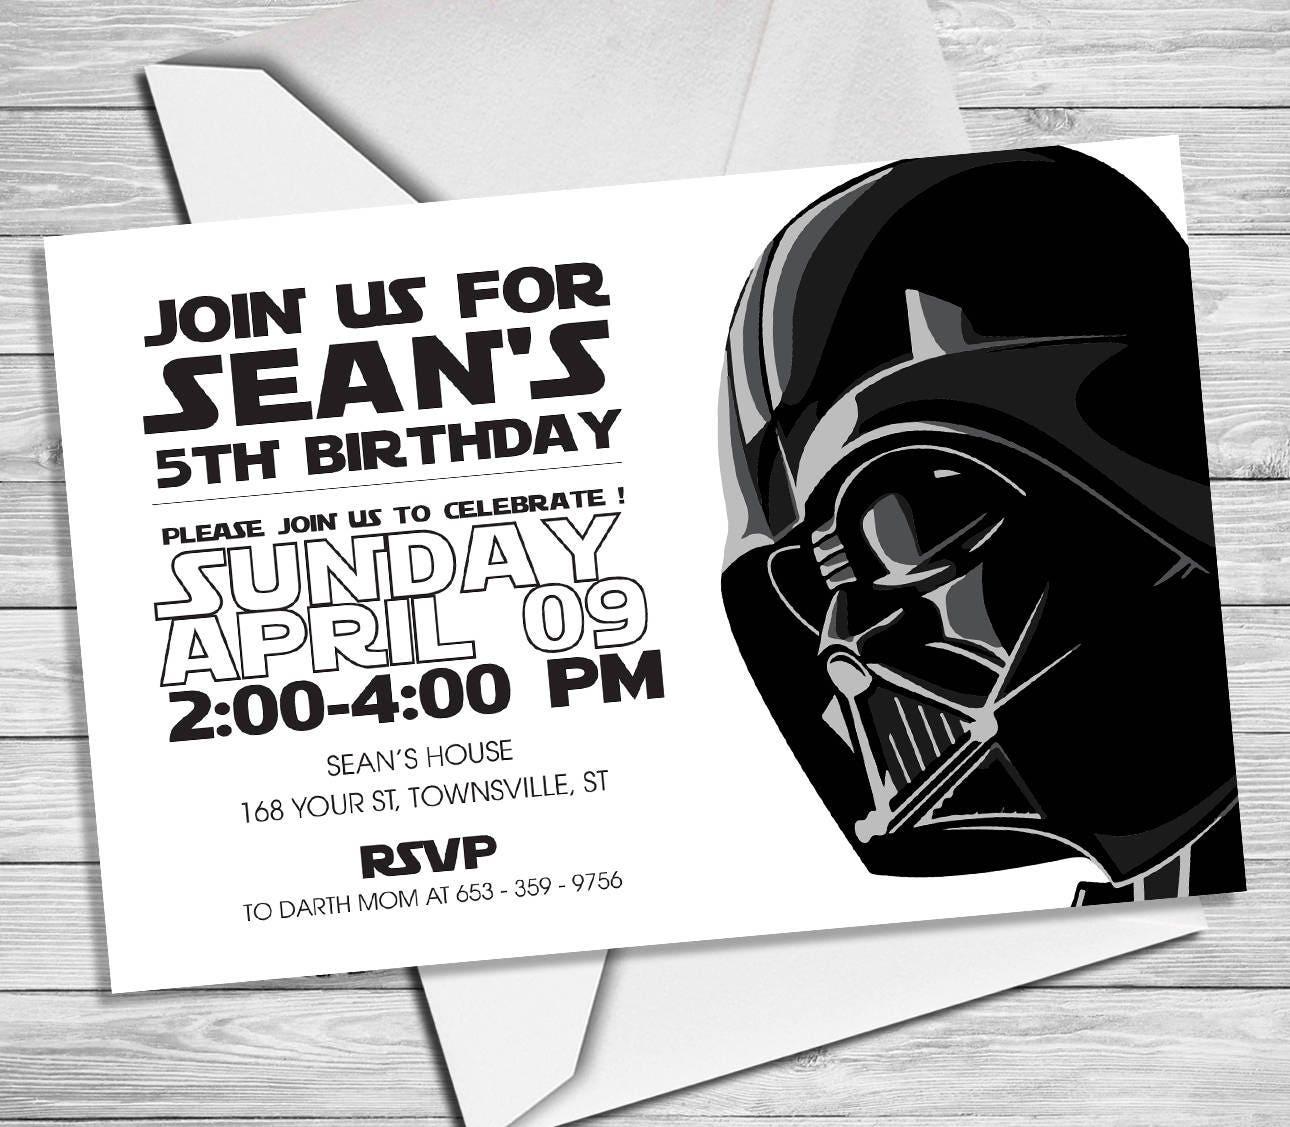 Star Wars Invitation Star Wars Party Invitation Star Wars | Etsy